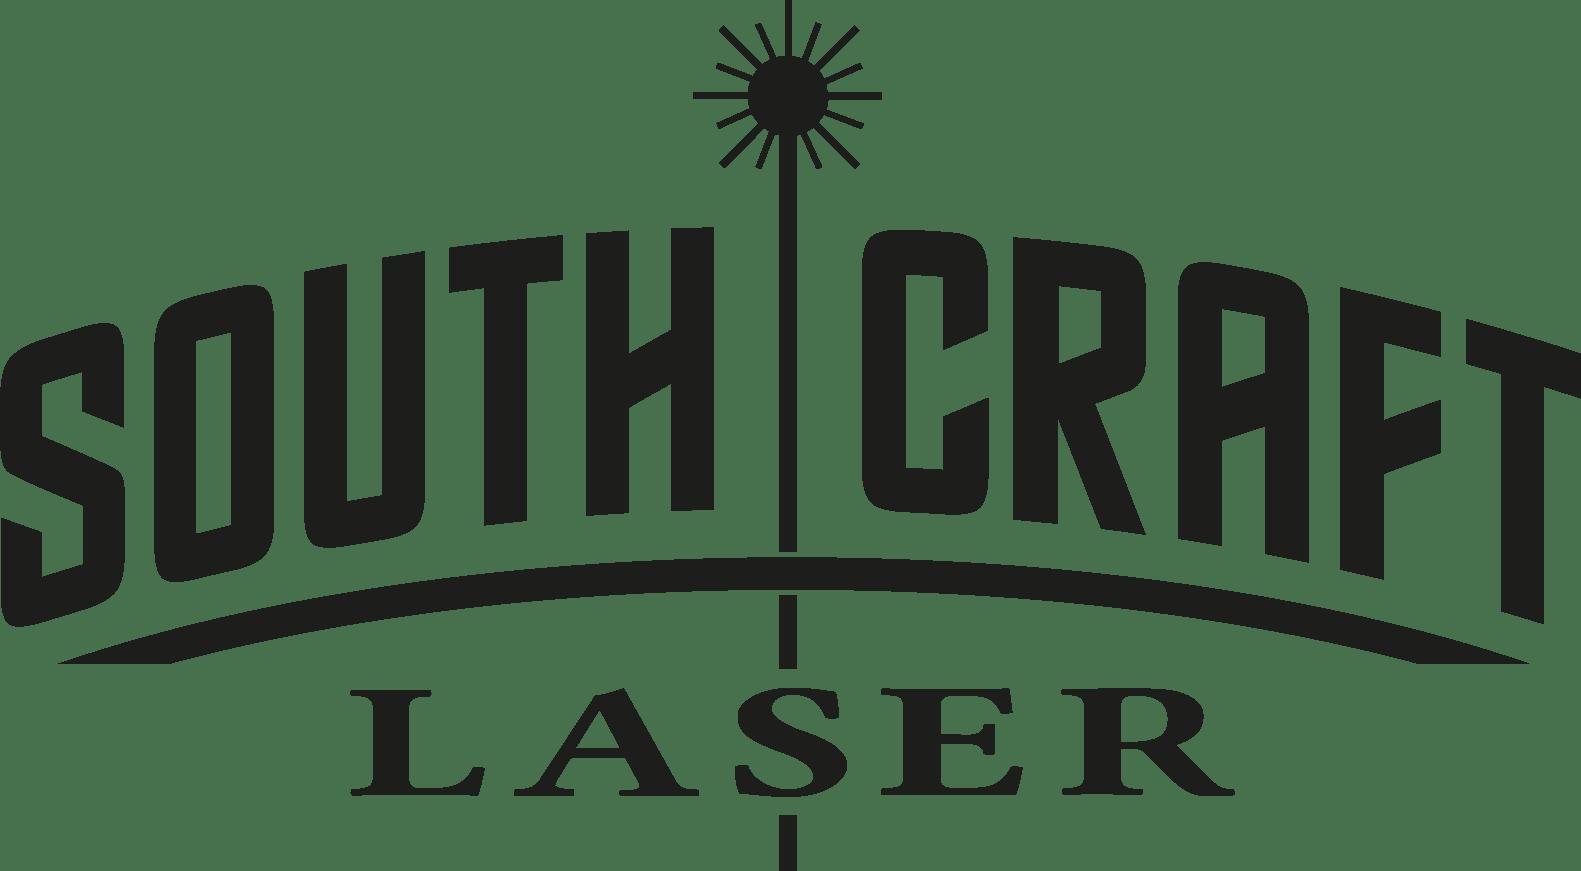 SOUTH CRAFT LASER LOGO